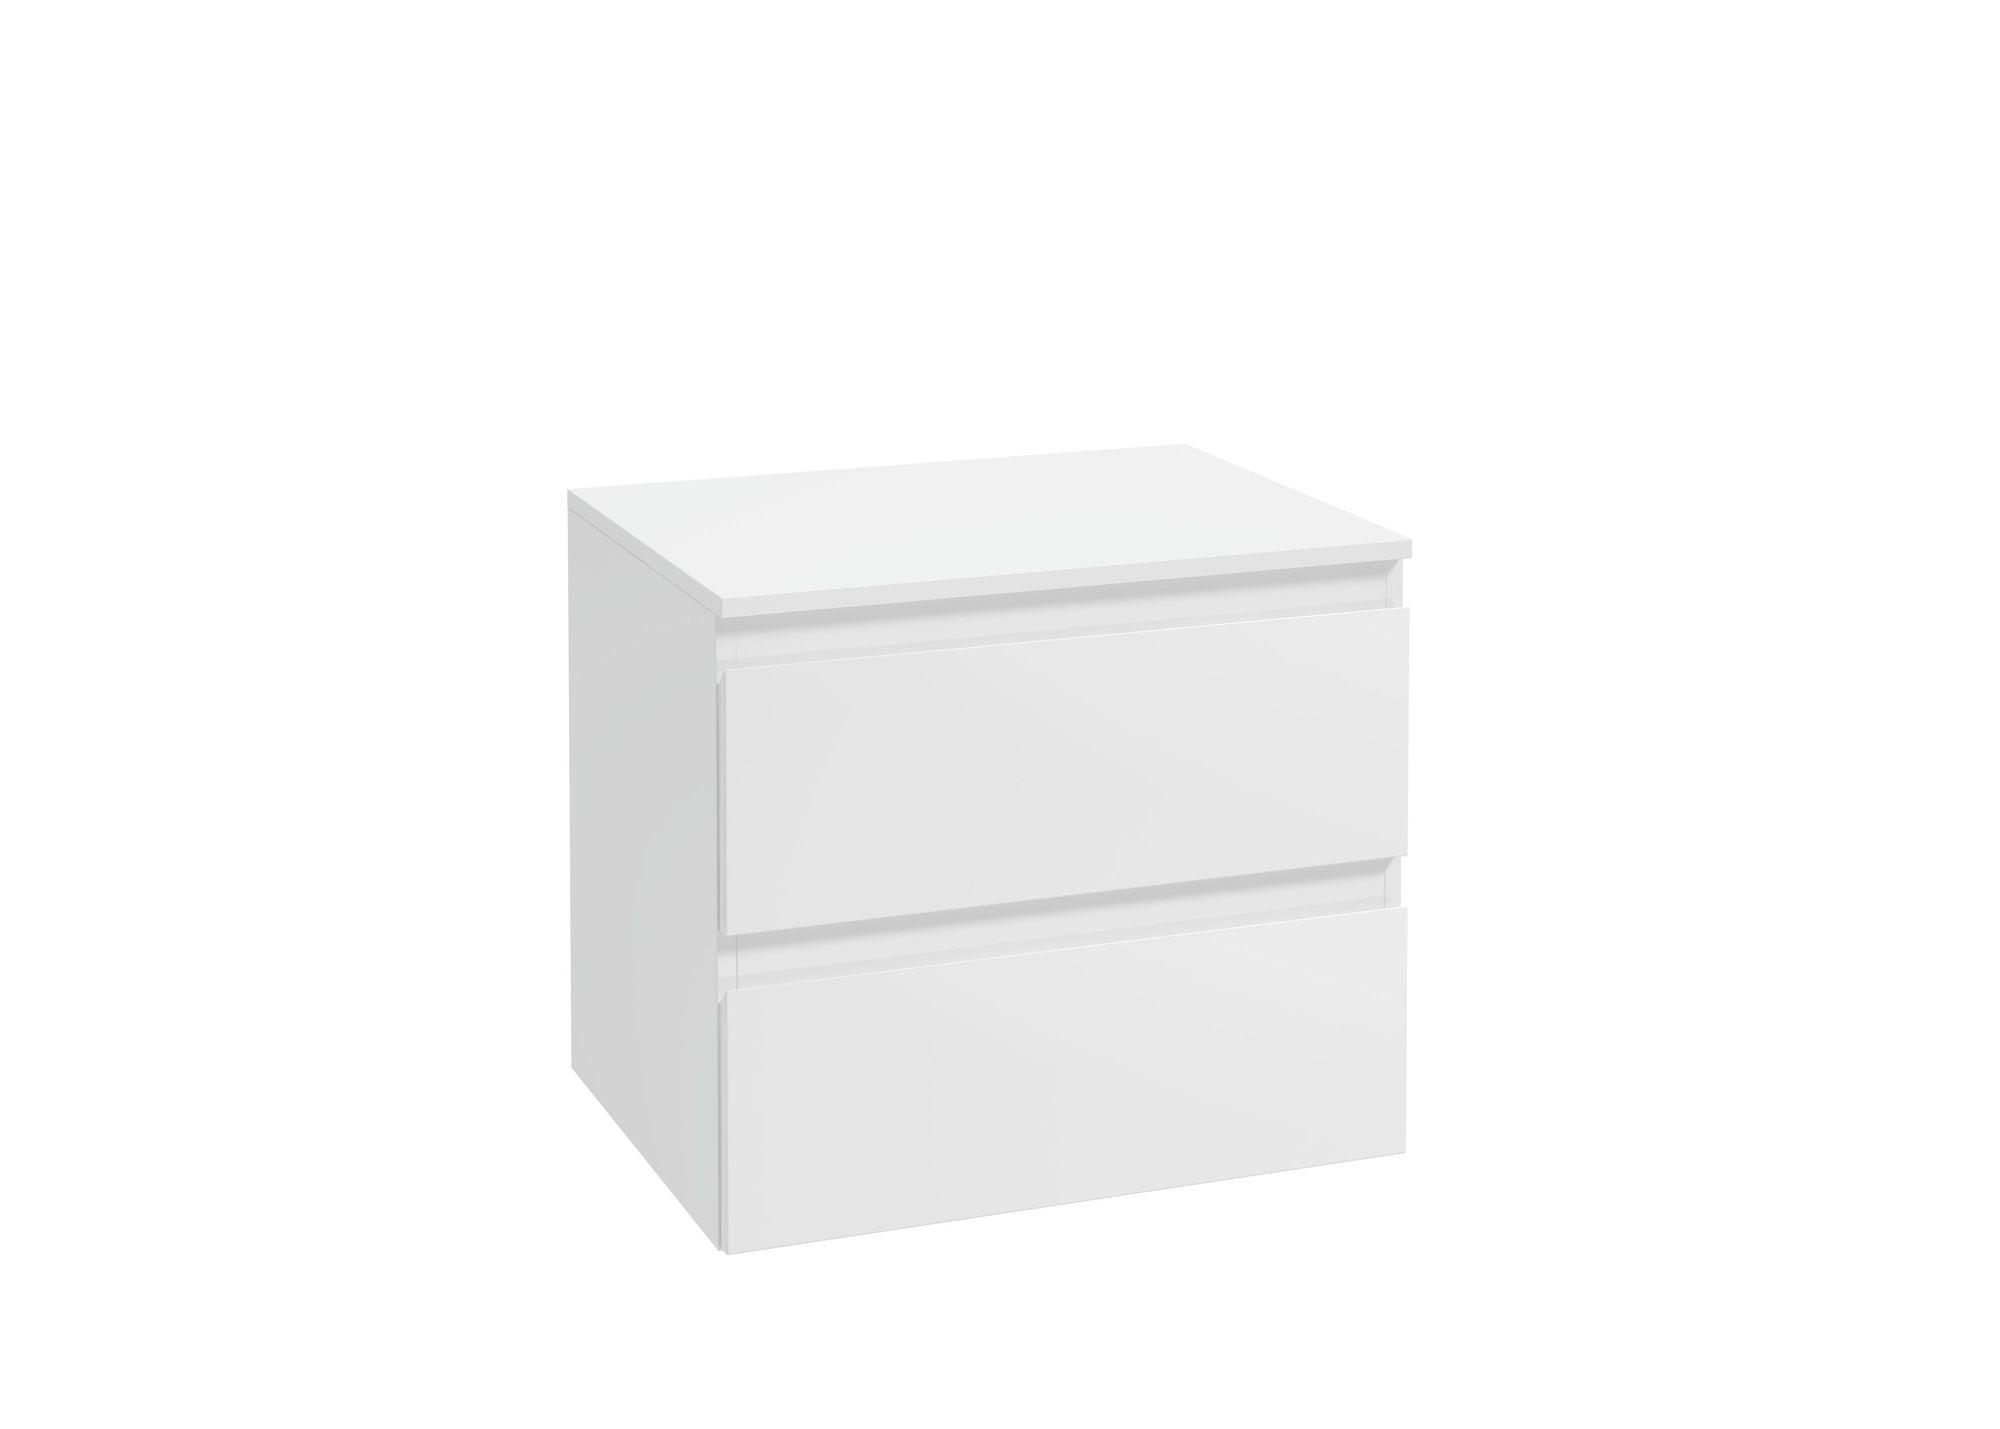 Słupek niski Defra Como B60 biały połysk 59,2x51,6x45,6cm 123-B-06005